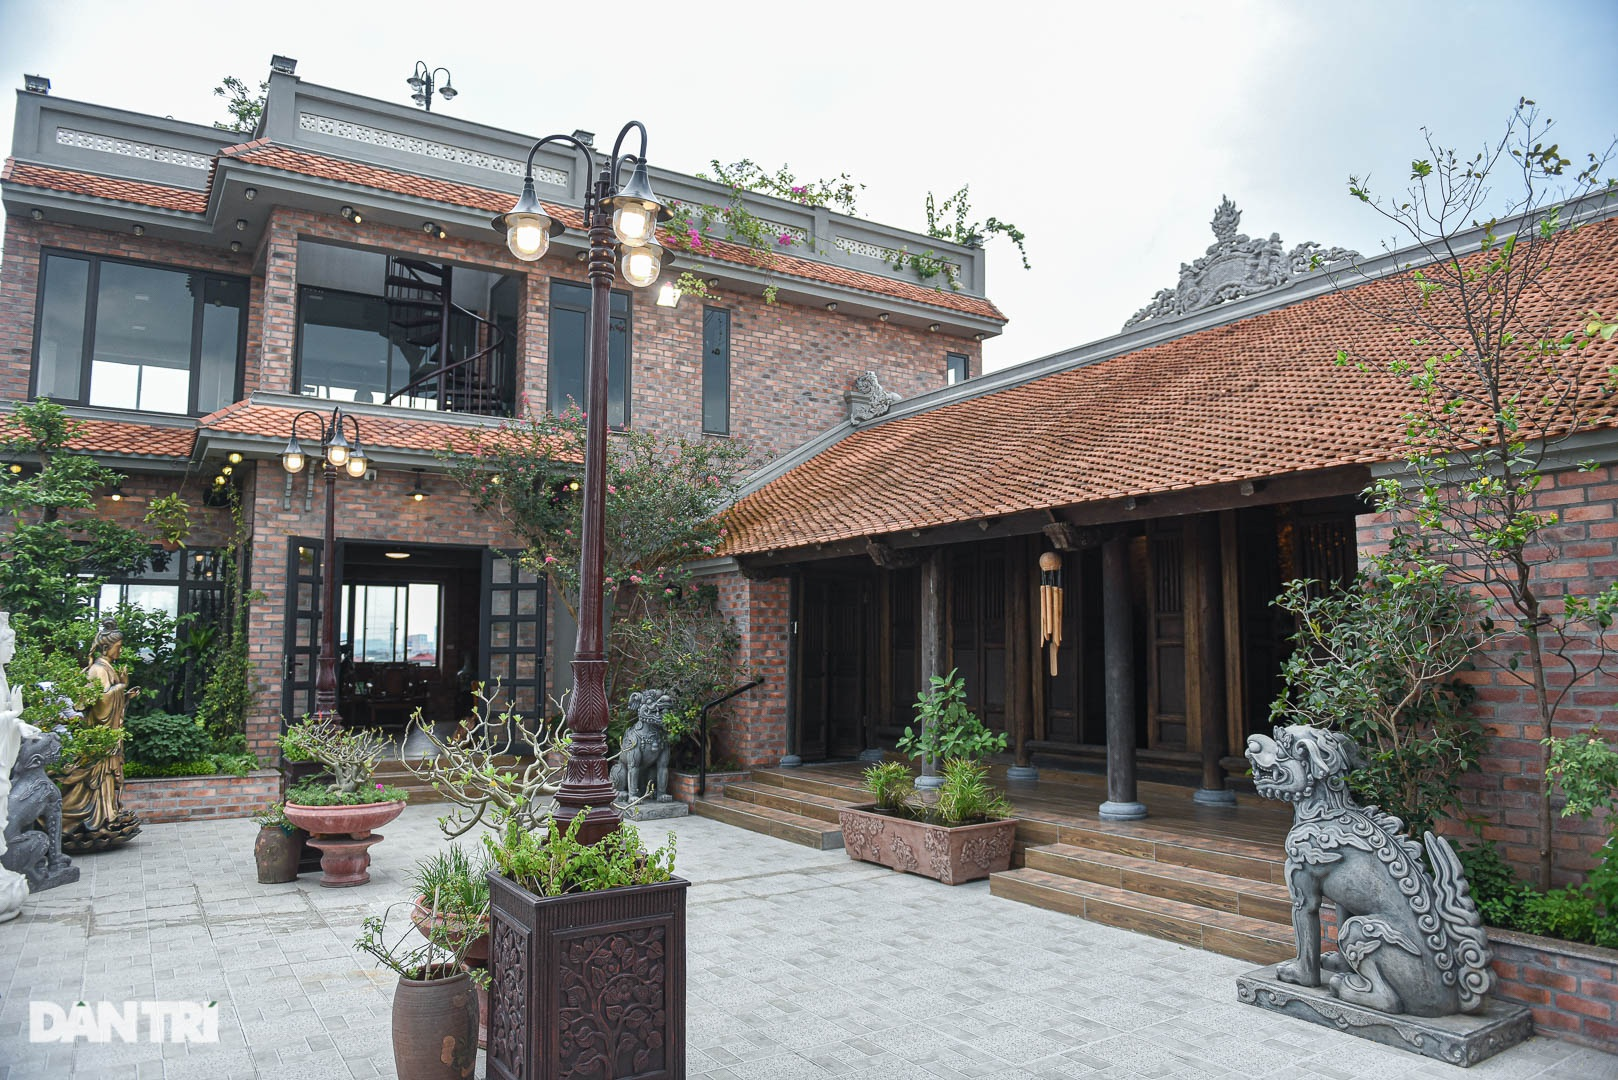 Độc đáo ngôi nhà cổ trăm tuổi rộng 100m2 tọa lạc trên nóc biệt thự ở Hà Nội - 10